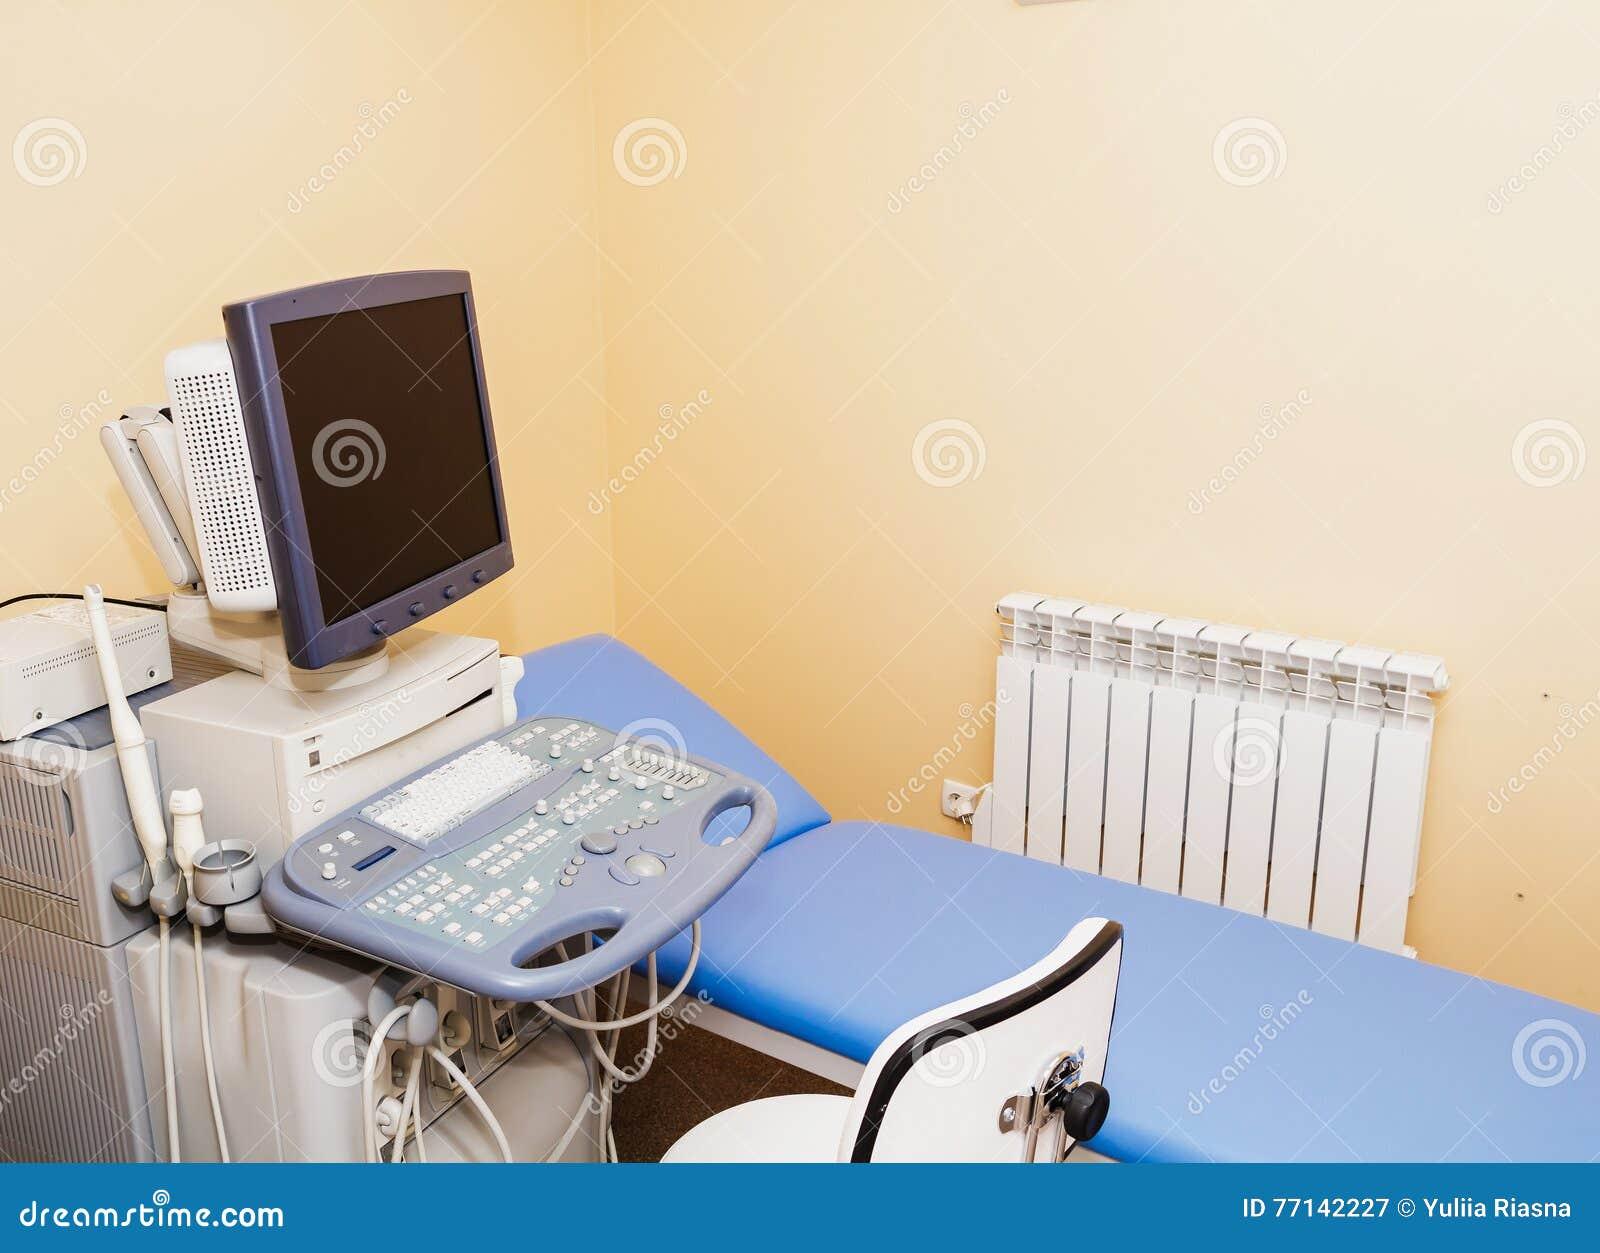 Chambre dans la clinique doctor bureau de s thérapeute de